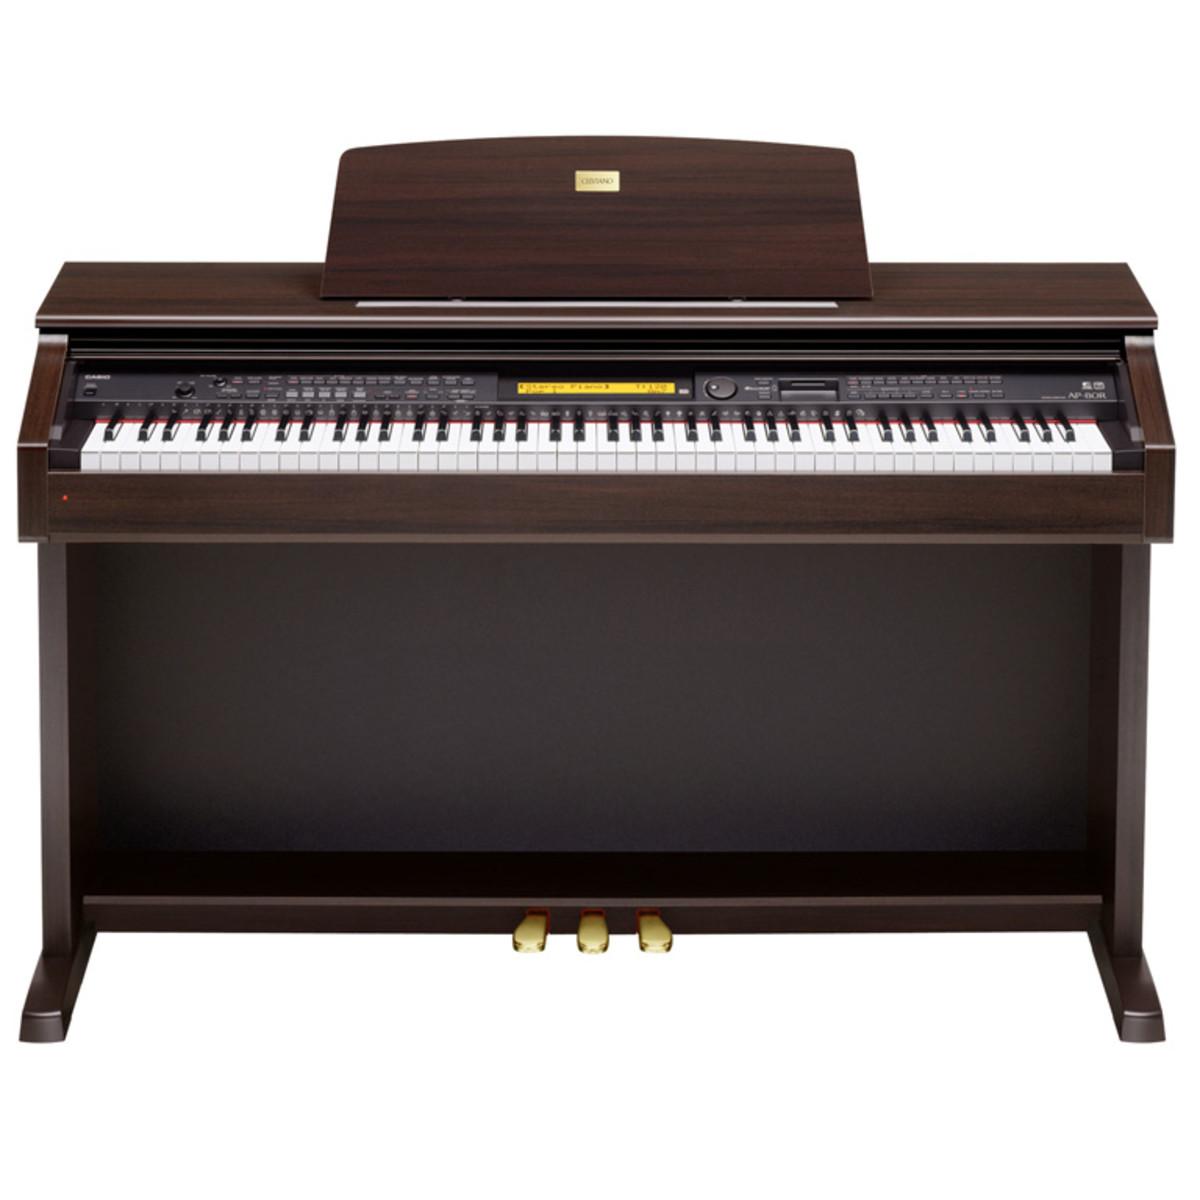 puis casio celviano ap 80r piano num rique. Black Bedroom Furniture Sets. Home Design Ideas